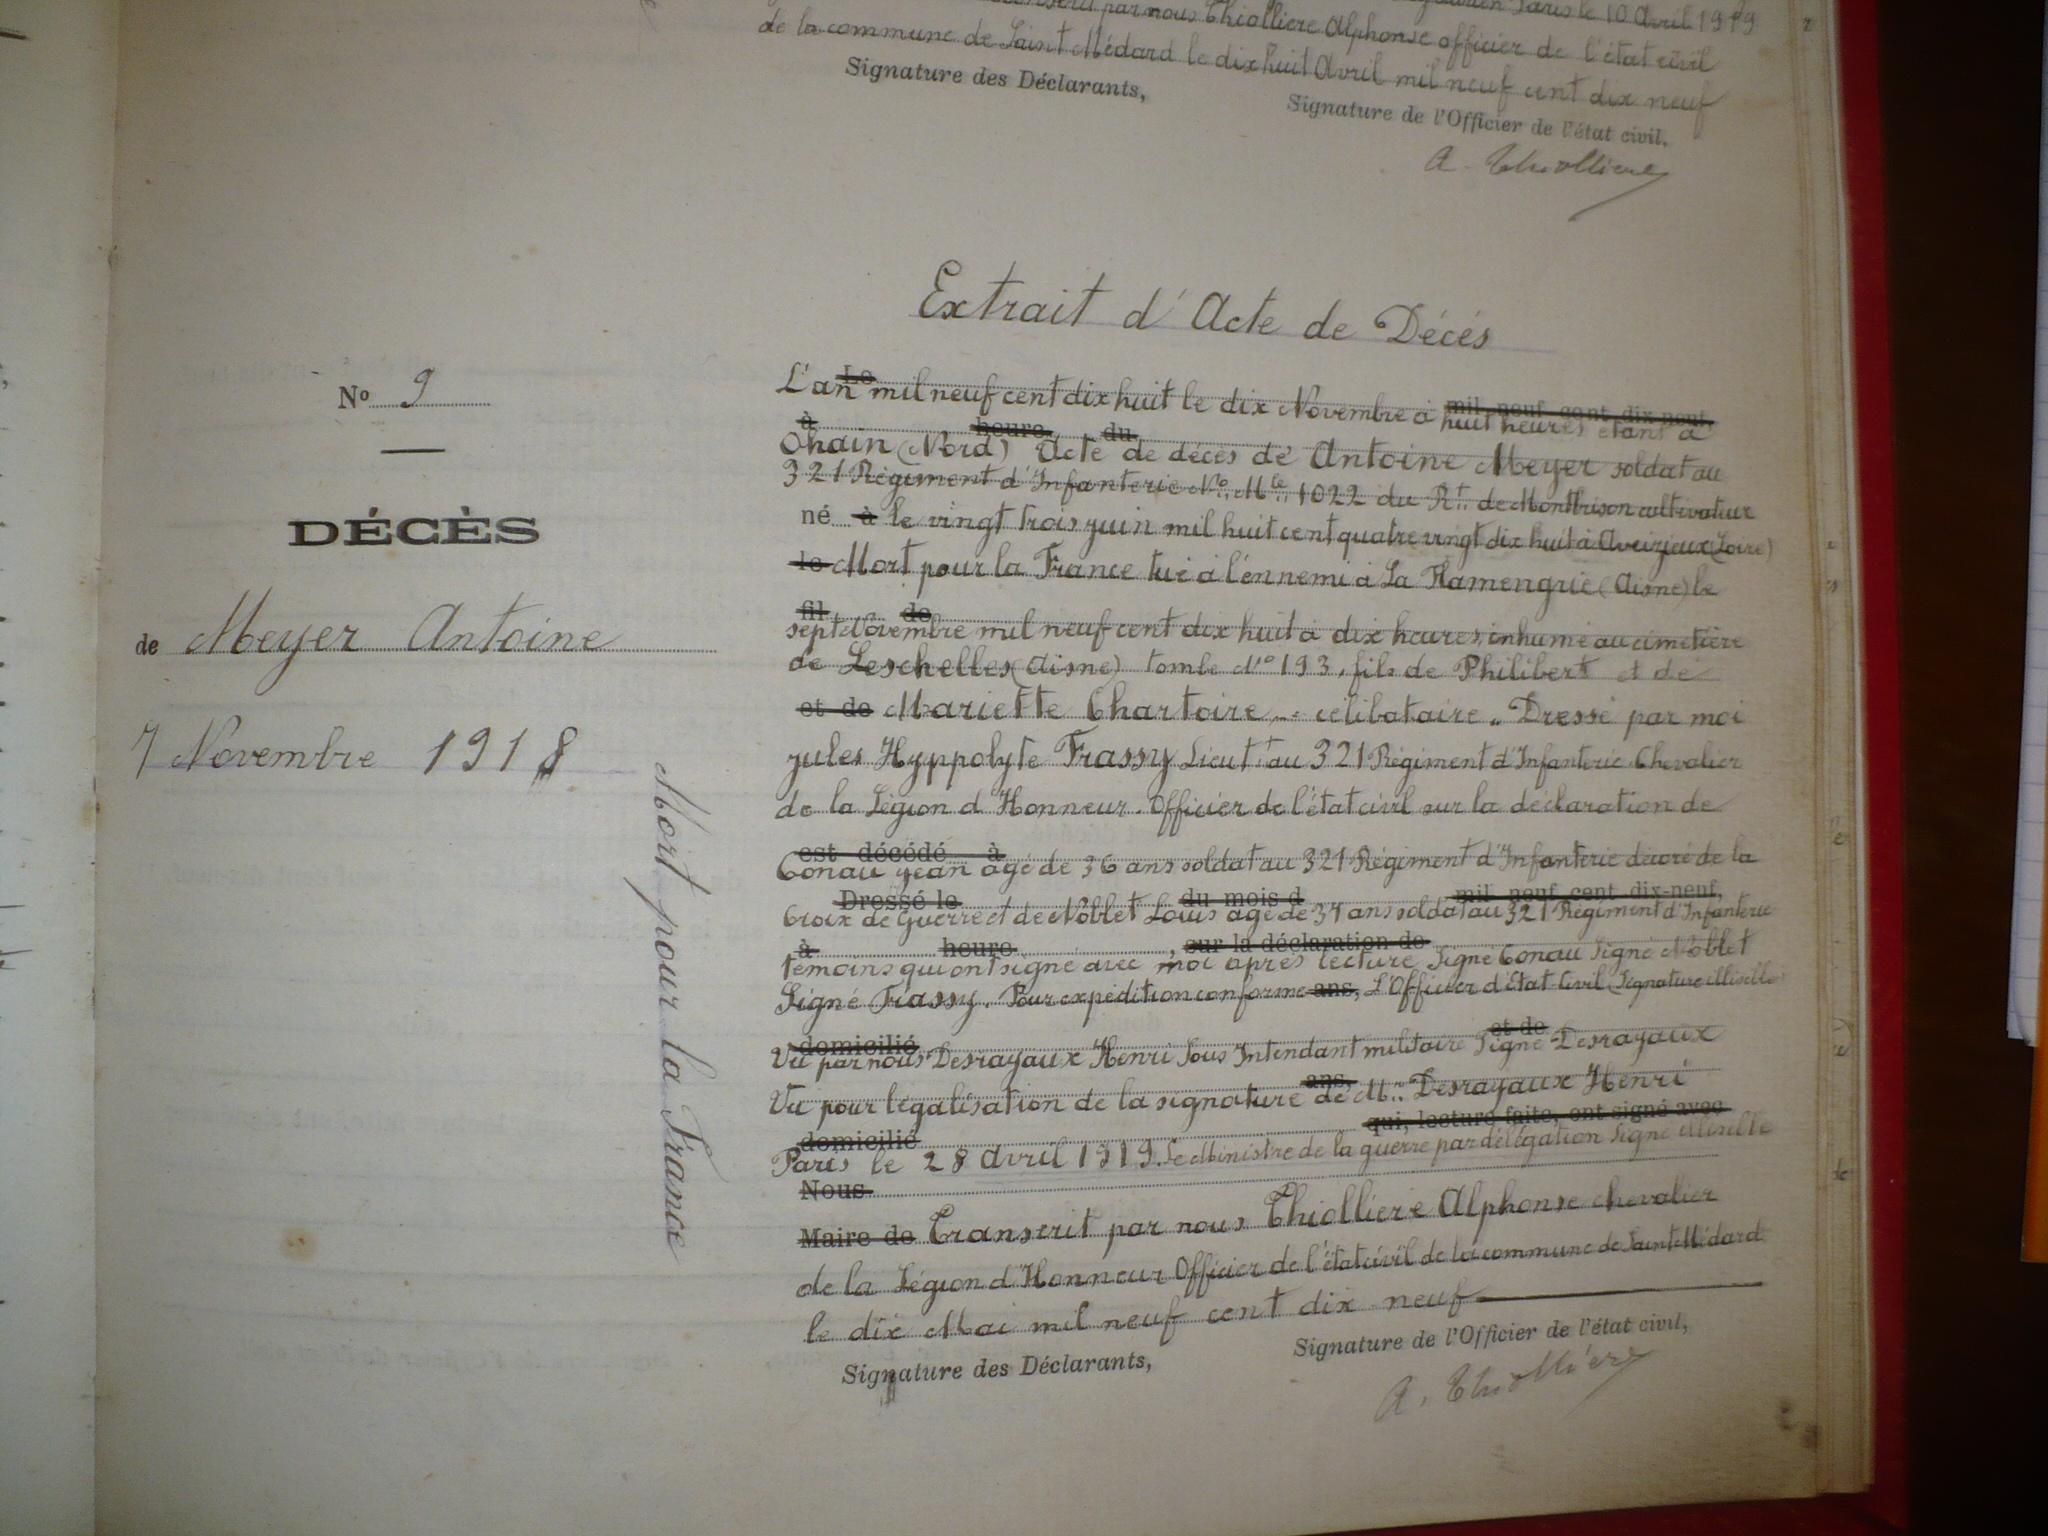 Antoine-Meyer-07-11-1918.JPG